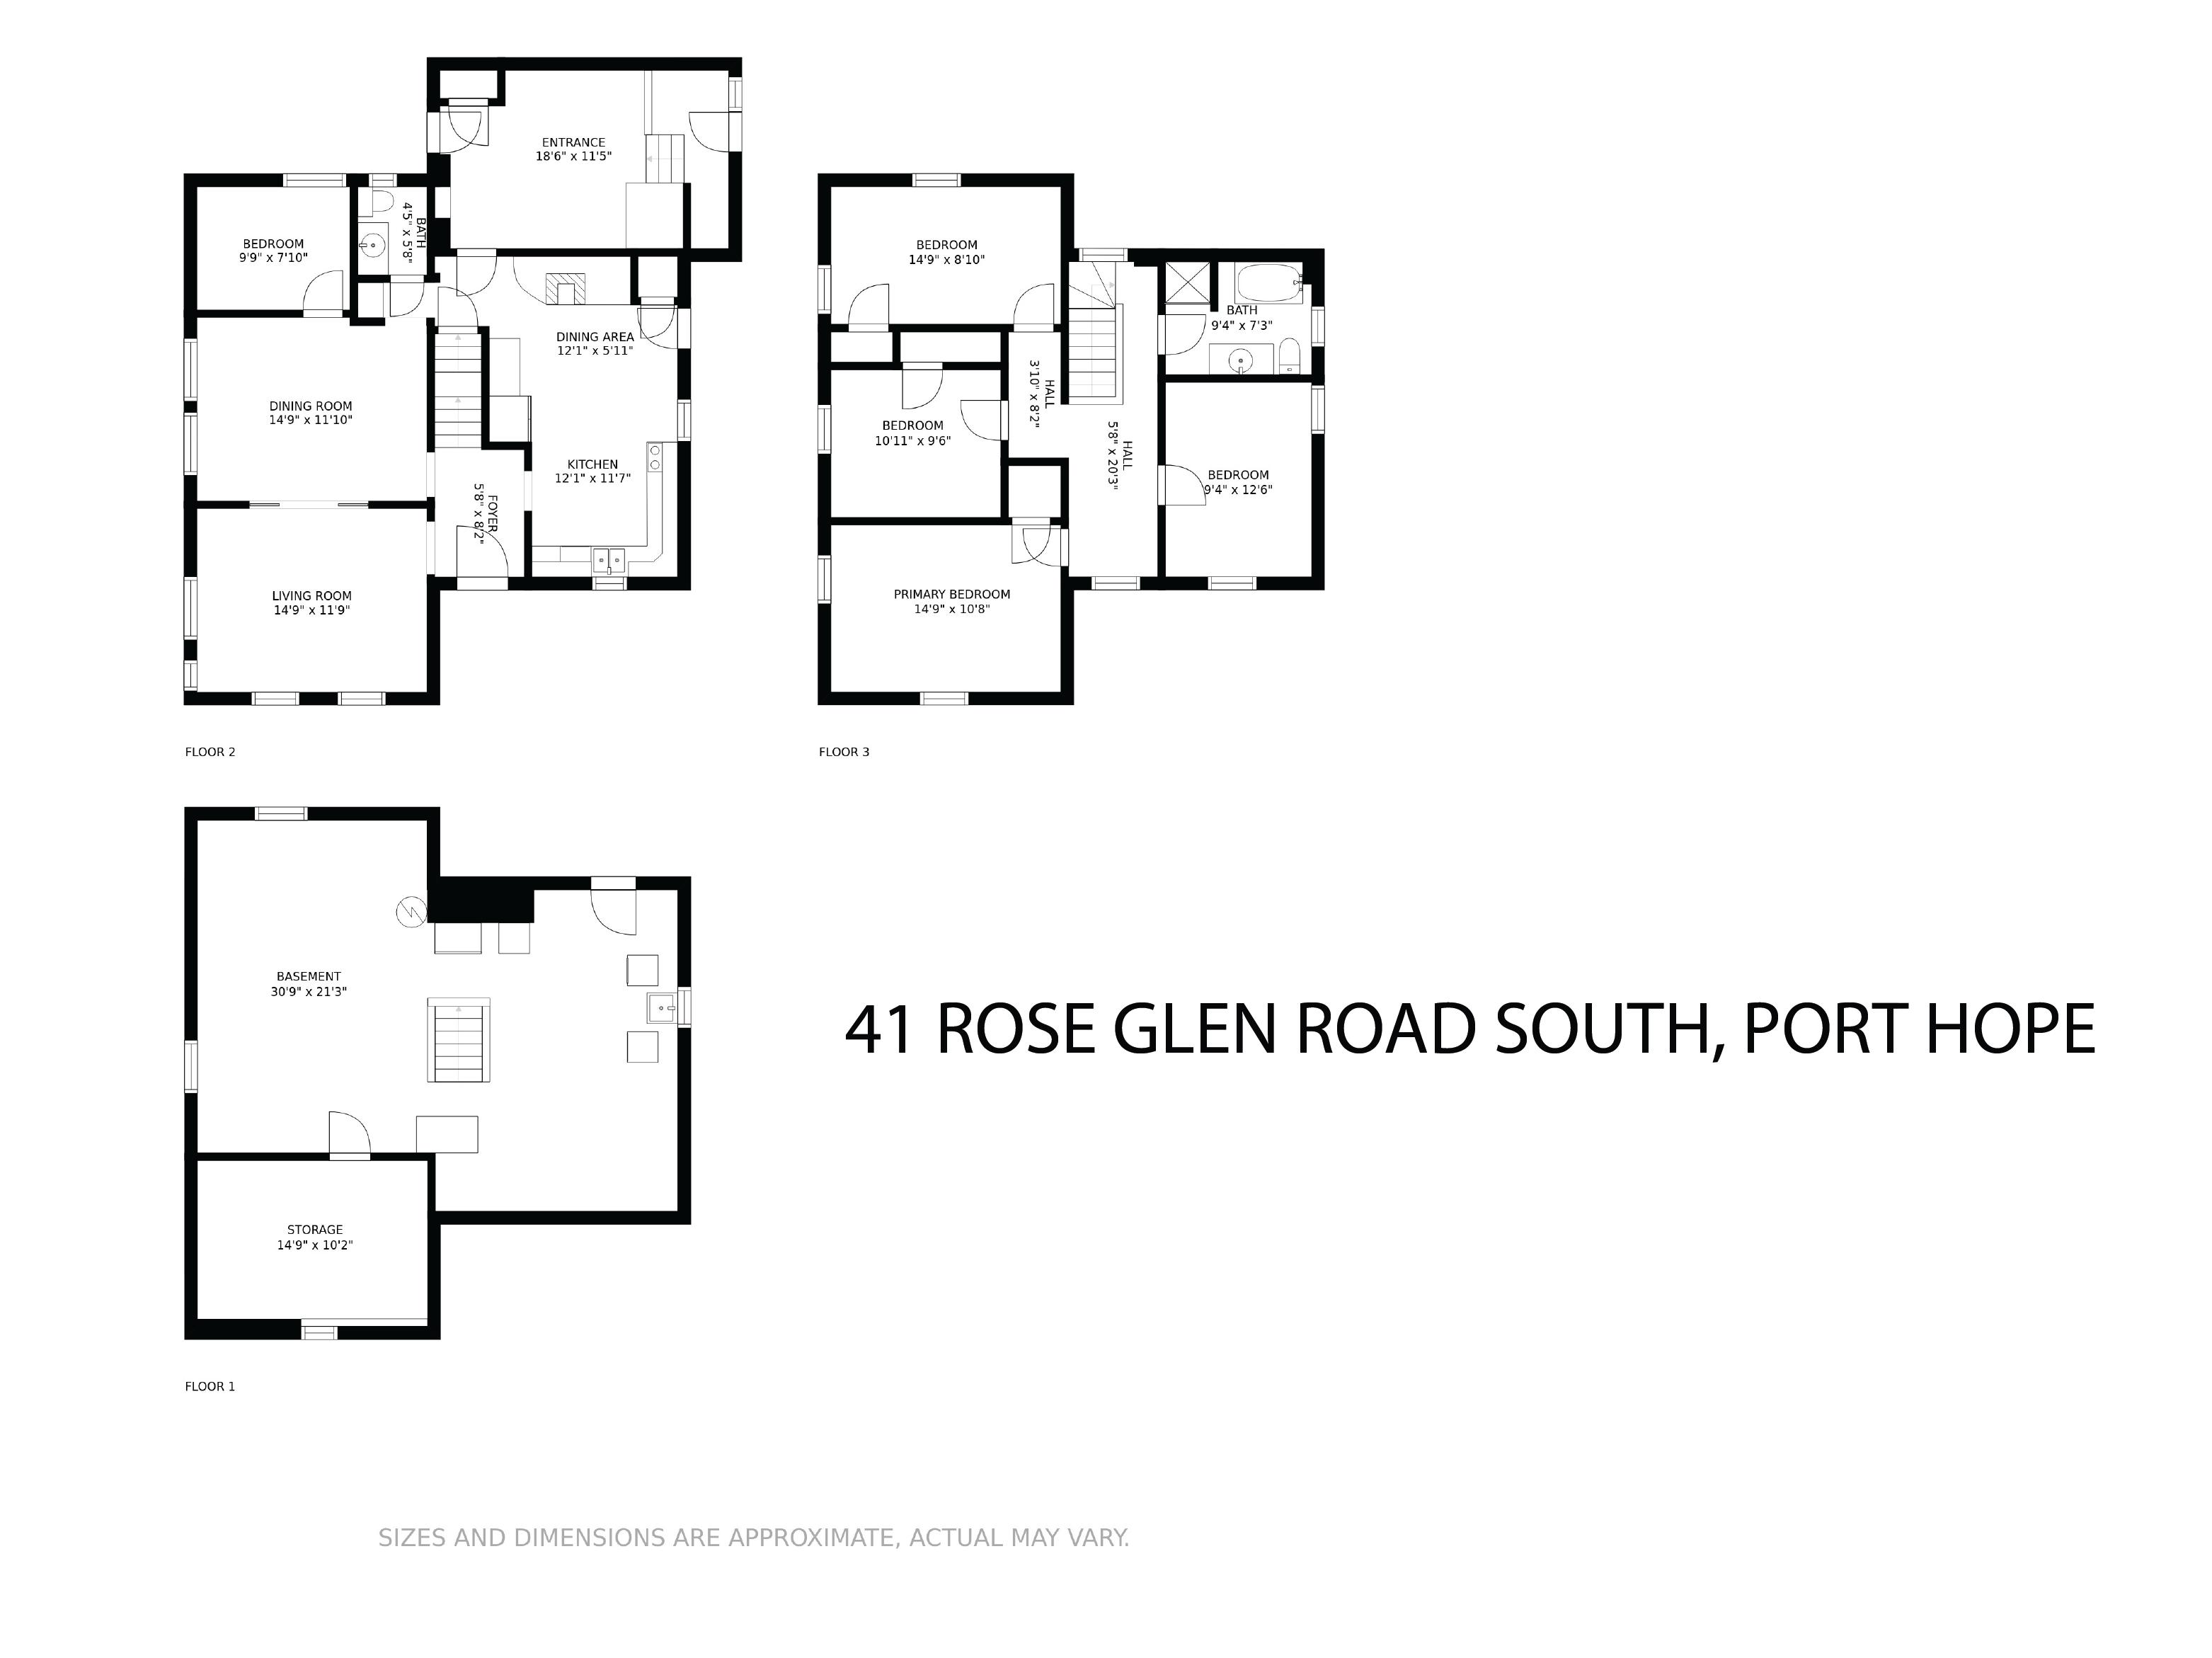 41 Rose Glen Rd S floorplan